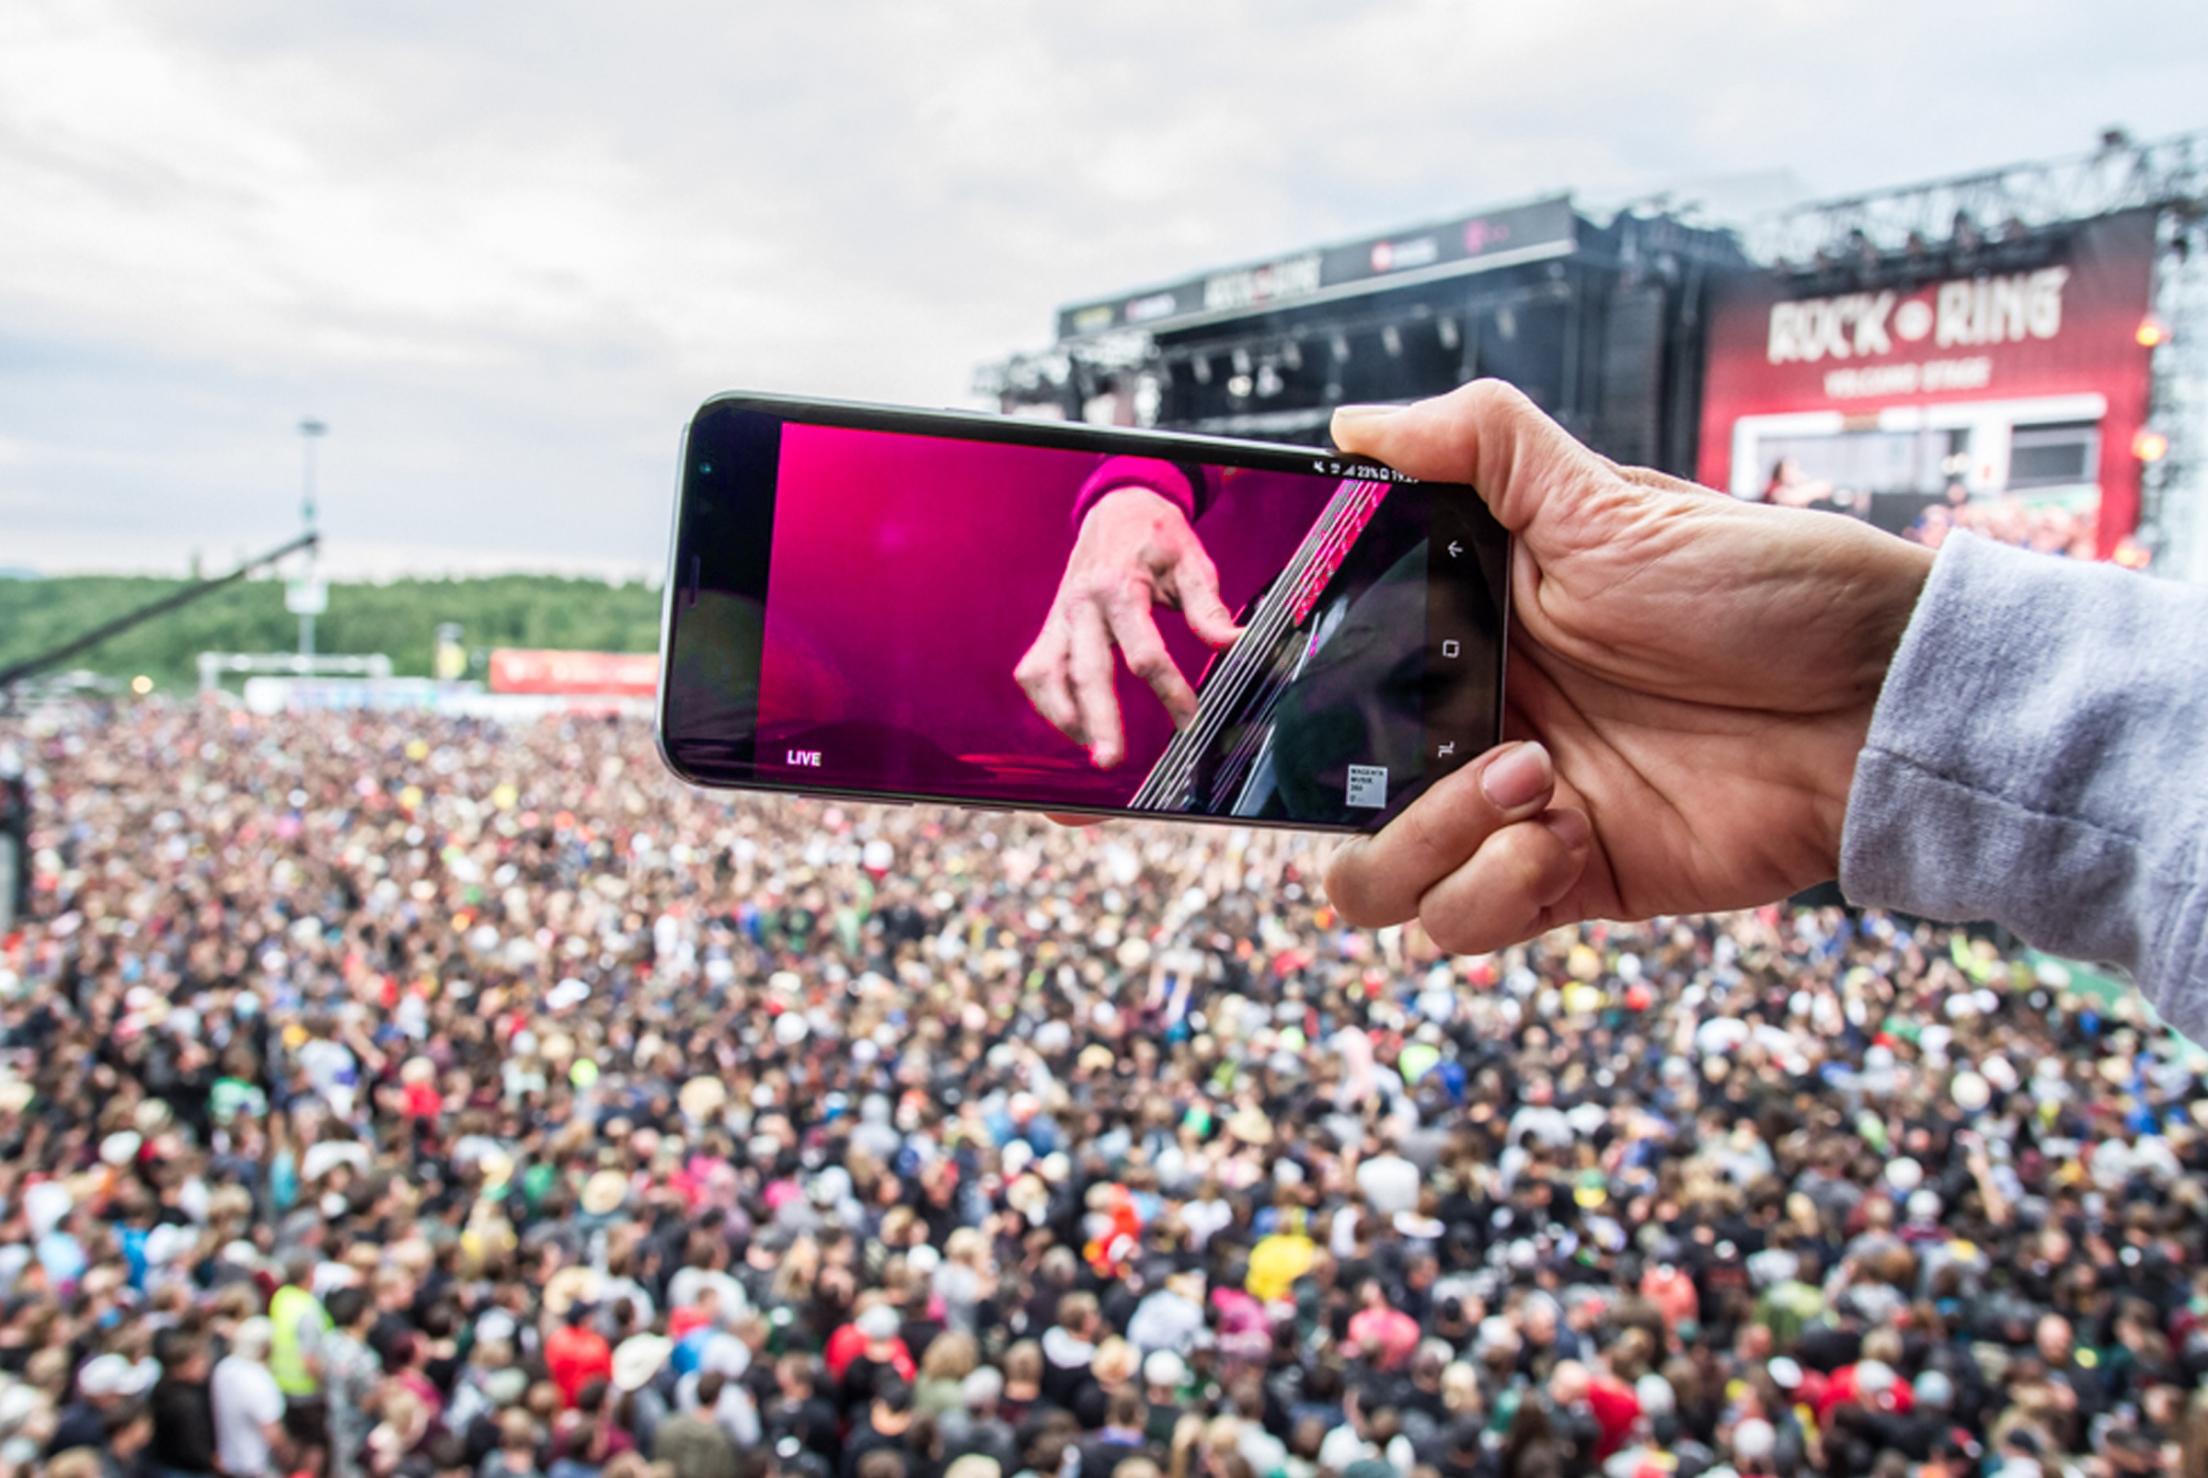 MagentaMusik 360: Rock am Ring im kostenlosen Livestream und in 360 Grad